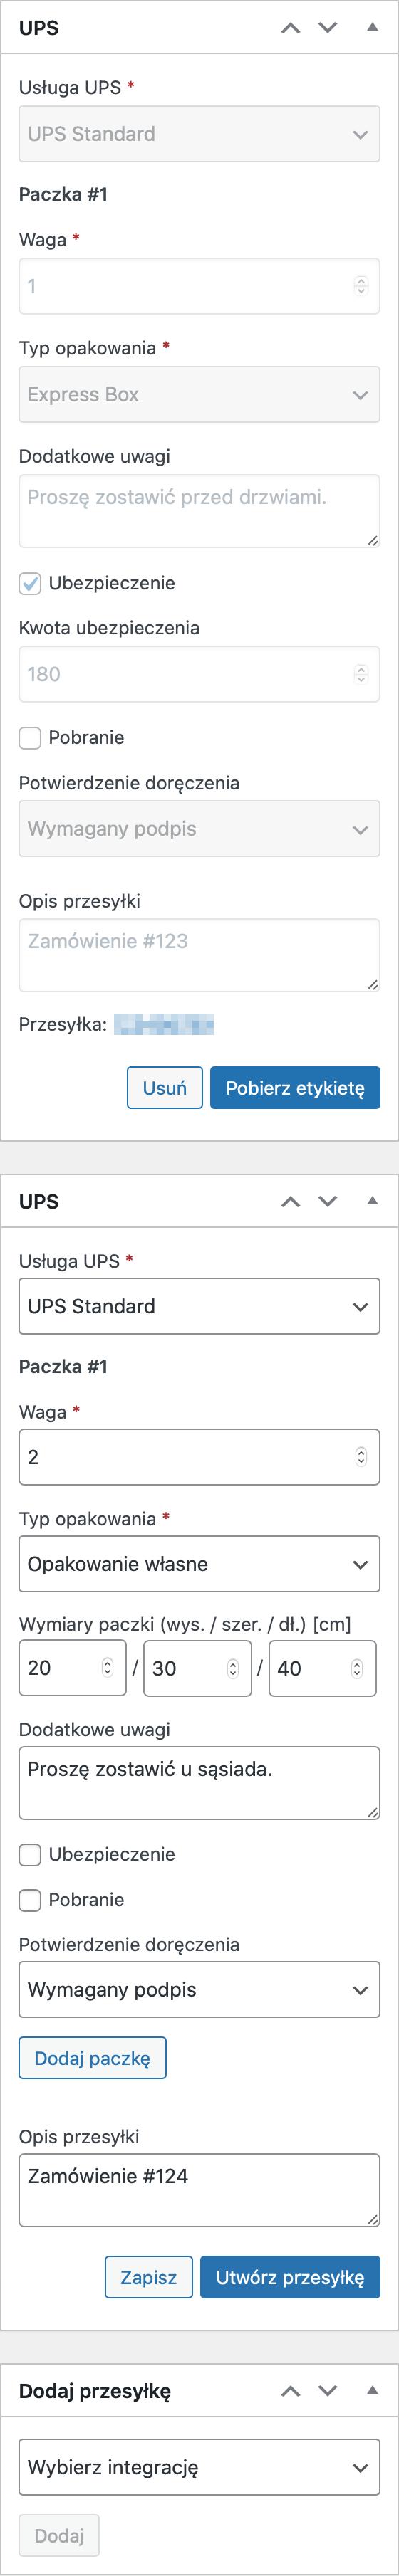 UPS Etykiety nadawcze i śledzenie przesyłek - Dodatkowe przesyłki UPS